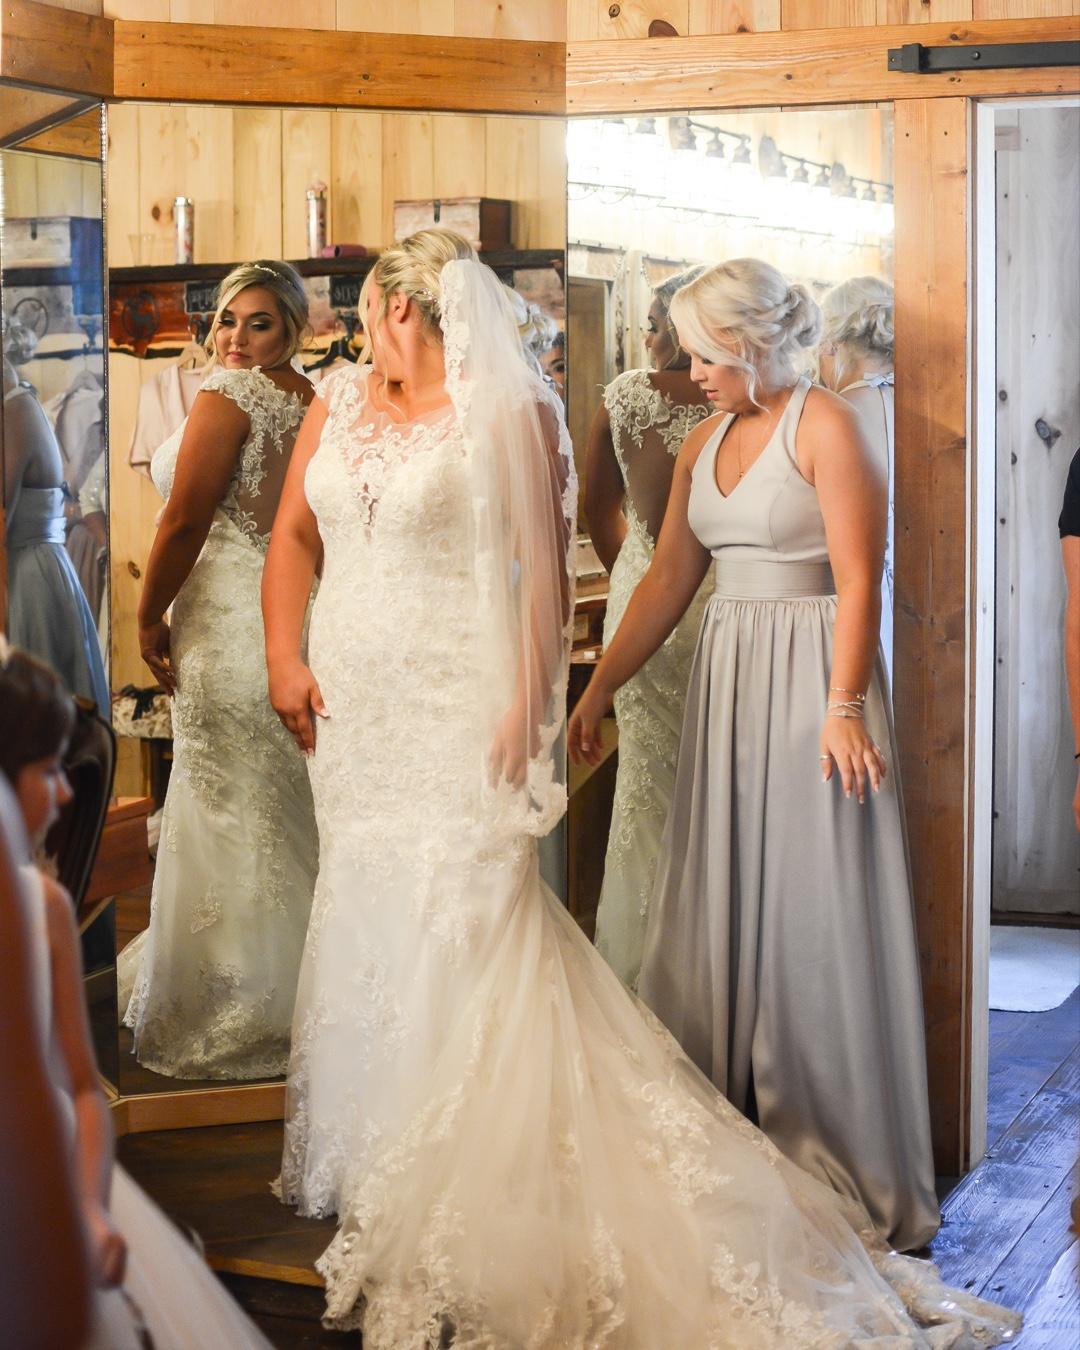 griffin wedding-griffin wedding-0022_small_insta (1).jpg